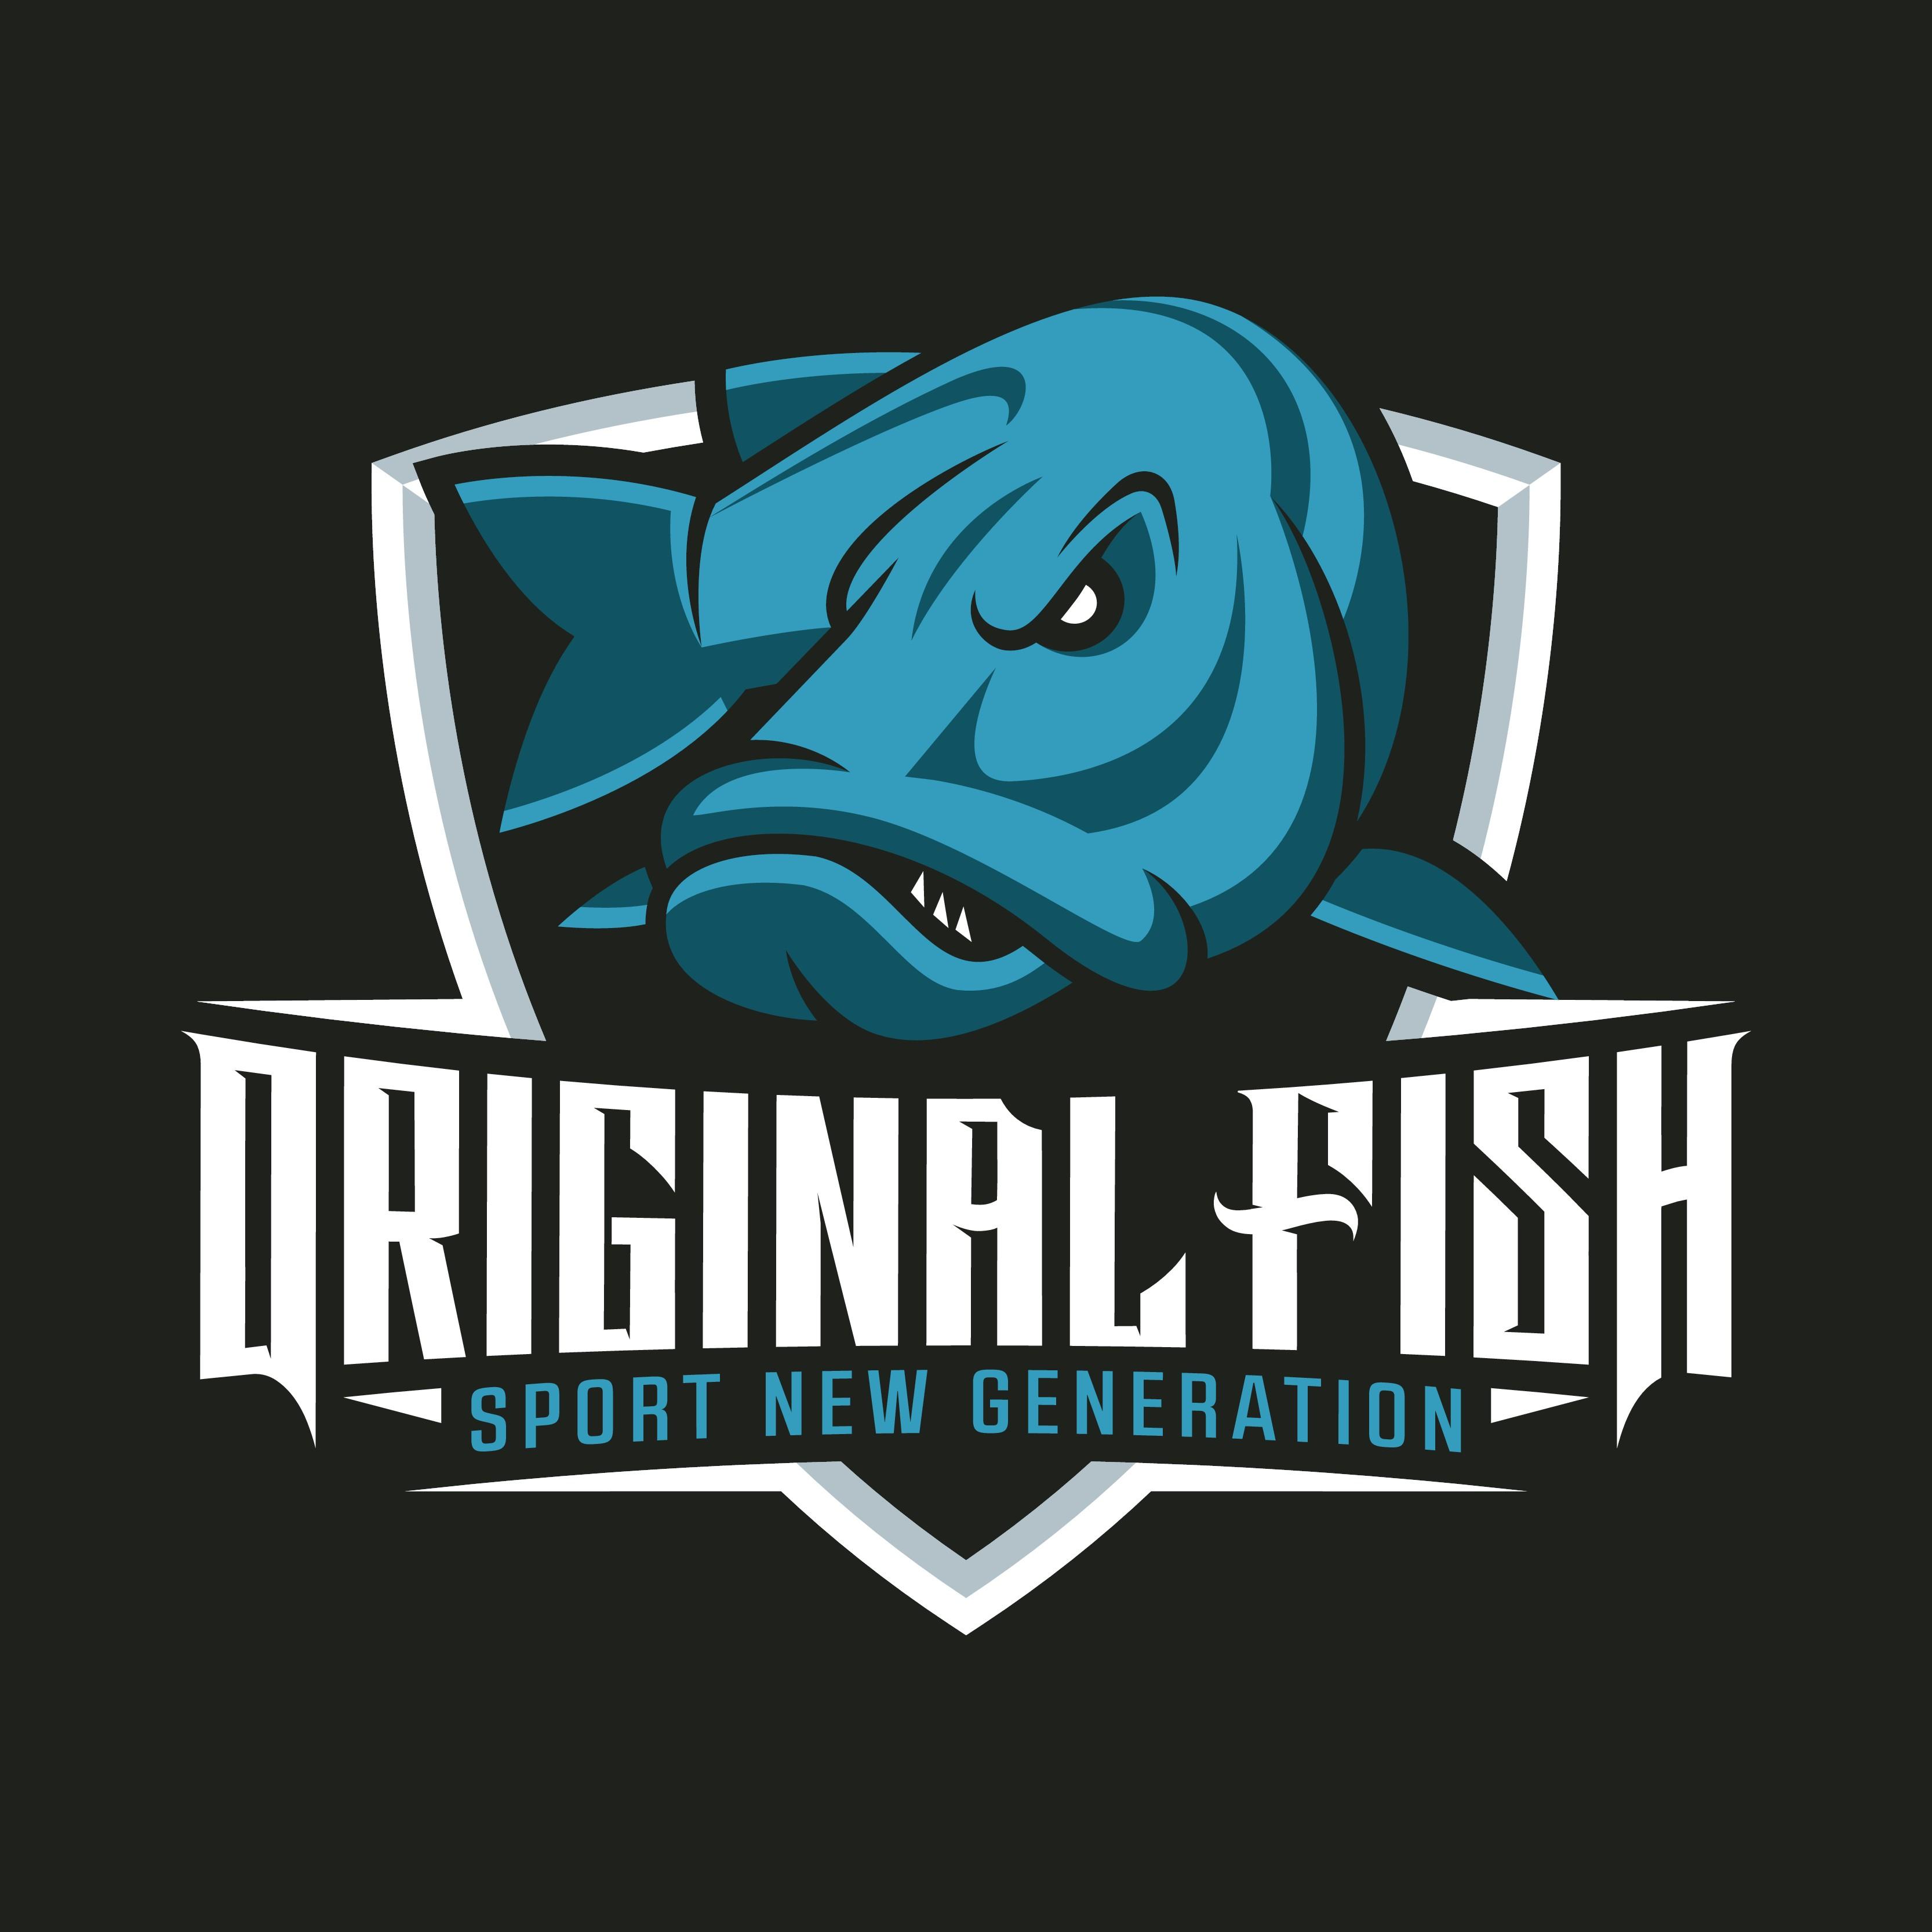 Original Fish : We want a quality logo Platinium !!!